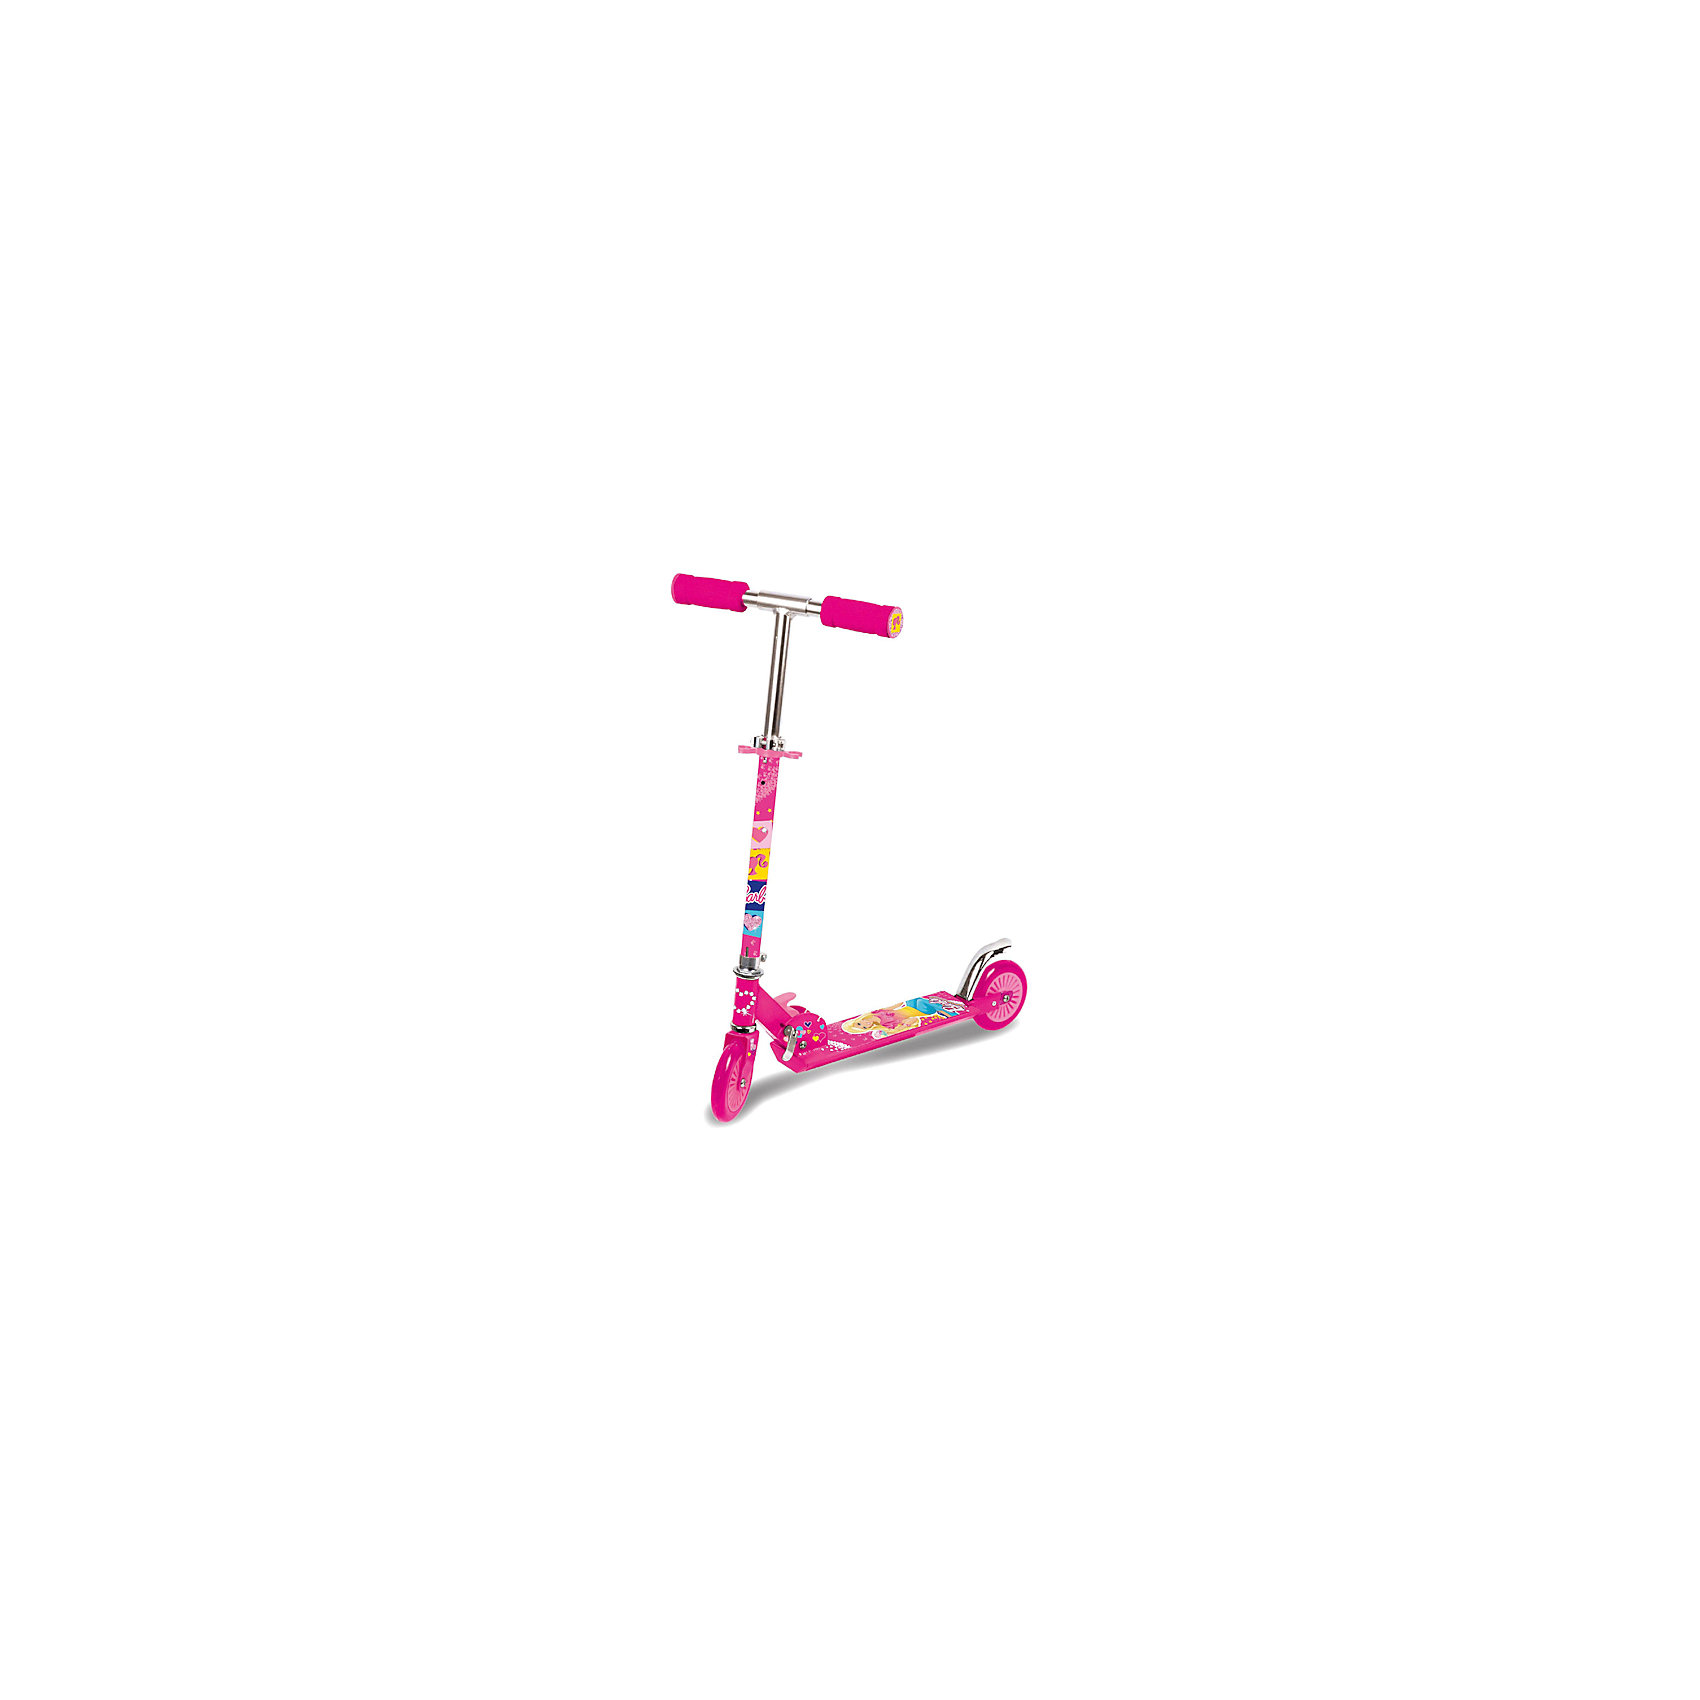 Складной самокат Barbie, NextСамокаты<br>Складной двухколесный самокат, Barbie, Next, станет замечательным подарком для Вашей девочки, он позволит ей весело проводить время на свежем воздухе, тренировать чувство равновесия, координацию движений и моторику. Данная модель изготовлена и высококачественных материалов, отличается маневренностью и привлекательным внешним видом. Самокат имеет приятный ярко-розовый цвет и украшен изображением популярной красавицы куклы Барби.<br><br>Модель оснащена двумя полиуретановыми колесами с подшипниками, которые обеспечивают мягкую комфортную езду. Руль регулируется по высоте в трех положениях, что позволяет ребенку использовать самокат в течении длительного времени. Удобные эргономичные ручки имеют нескользящее покрытие. Модель оборудована ножным тормозом на заднем колесе для безопасной остановки. Самокат легко складывается для транспортировки и хранения. Подходит для детей от 3 лет.<br><br>Дополнительная информация:<br><br>- Материал: рама - 80% алюминий 20% сталь, пластик, колеса ПУ (полиуретан).<br>- Подшипники: Abec-5.<br>- Диаметр колес: 125 мм.<br>- Размер платформы: 47 х 10 см.<br>- Высота самоката: 85 см.<br>- Размер упаковки: 42 x 71 x 88 см.<br>- Вес: 2,48 кг.<br><br><br>Складной самокат, Barbie, Next, можно купить в нашем интернет-магазине.<br><br>Ширина мм: 330<br>Глубина мм: 830<br>Высота мм: 690<br>Вес г: 2480<br>Возраст от месяцев: 36<br>Возраст до месяцев: 192<br>Пол: Женский<br>Возраст: Детский<br>SKU: 4546566